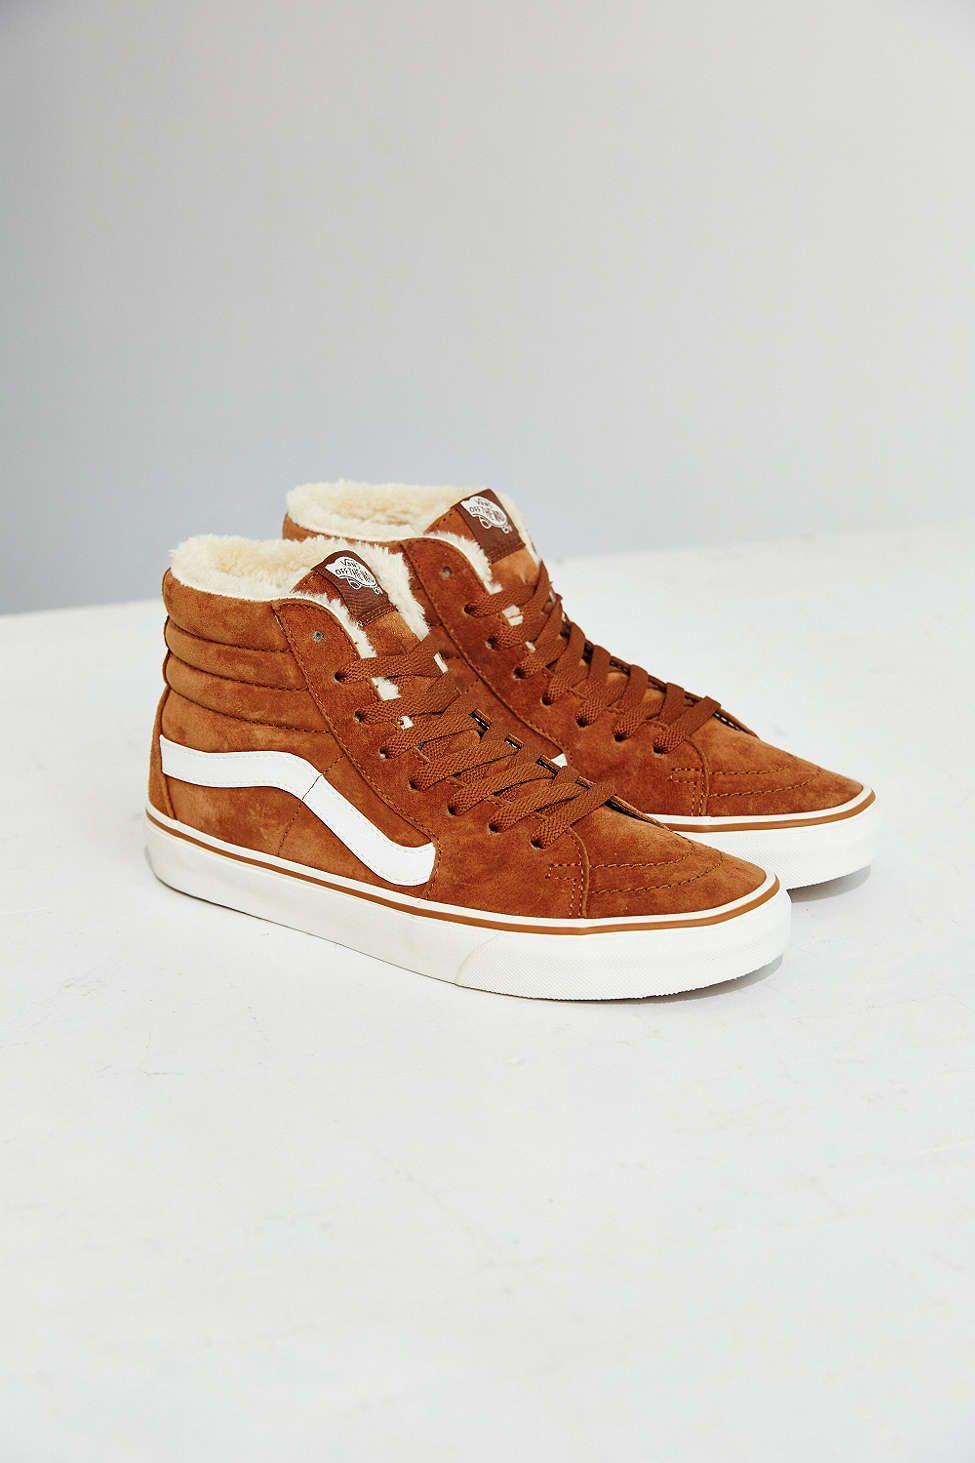 Vans Sk8 Hi Fleece Sneaker | Urban outfitters shoes